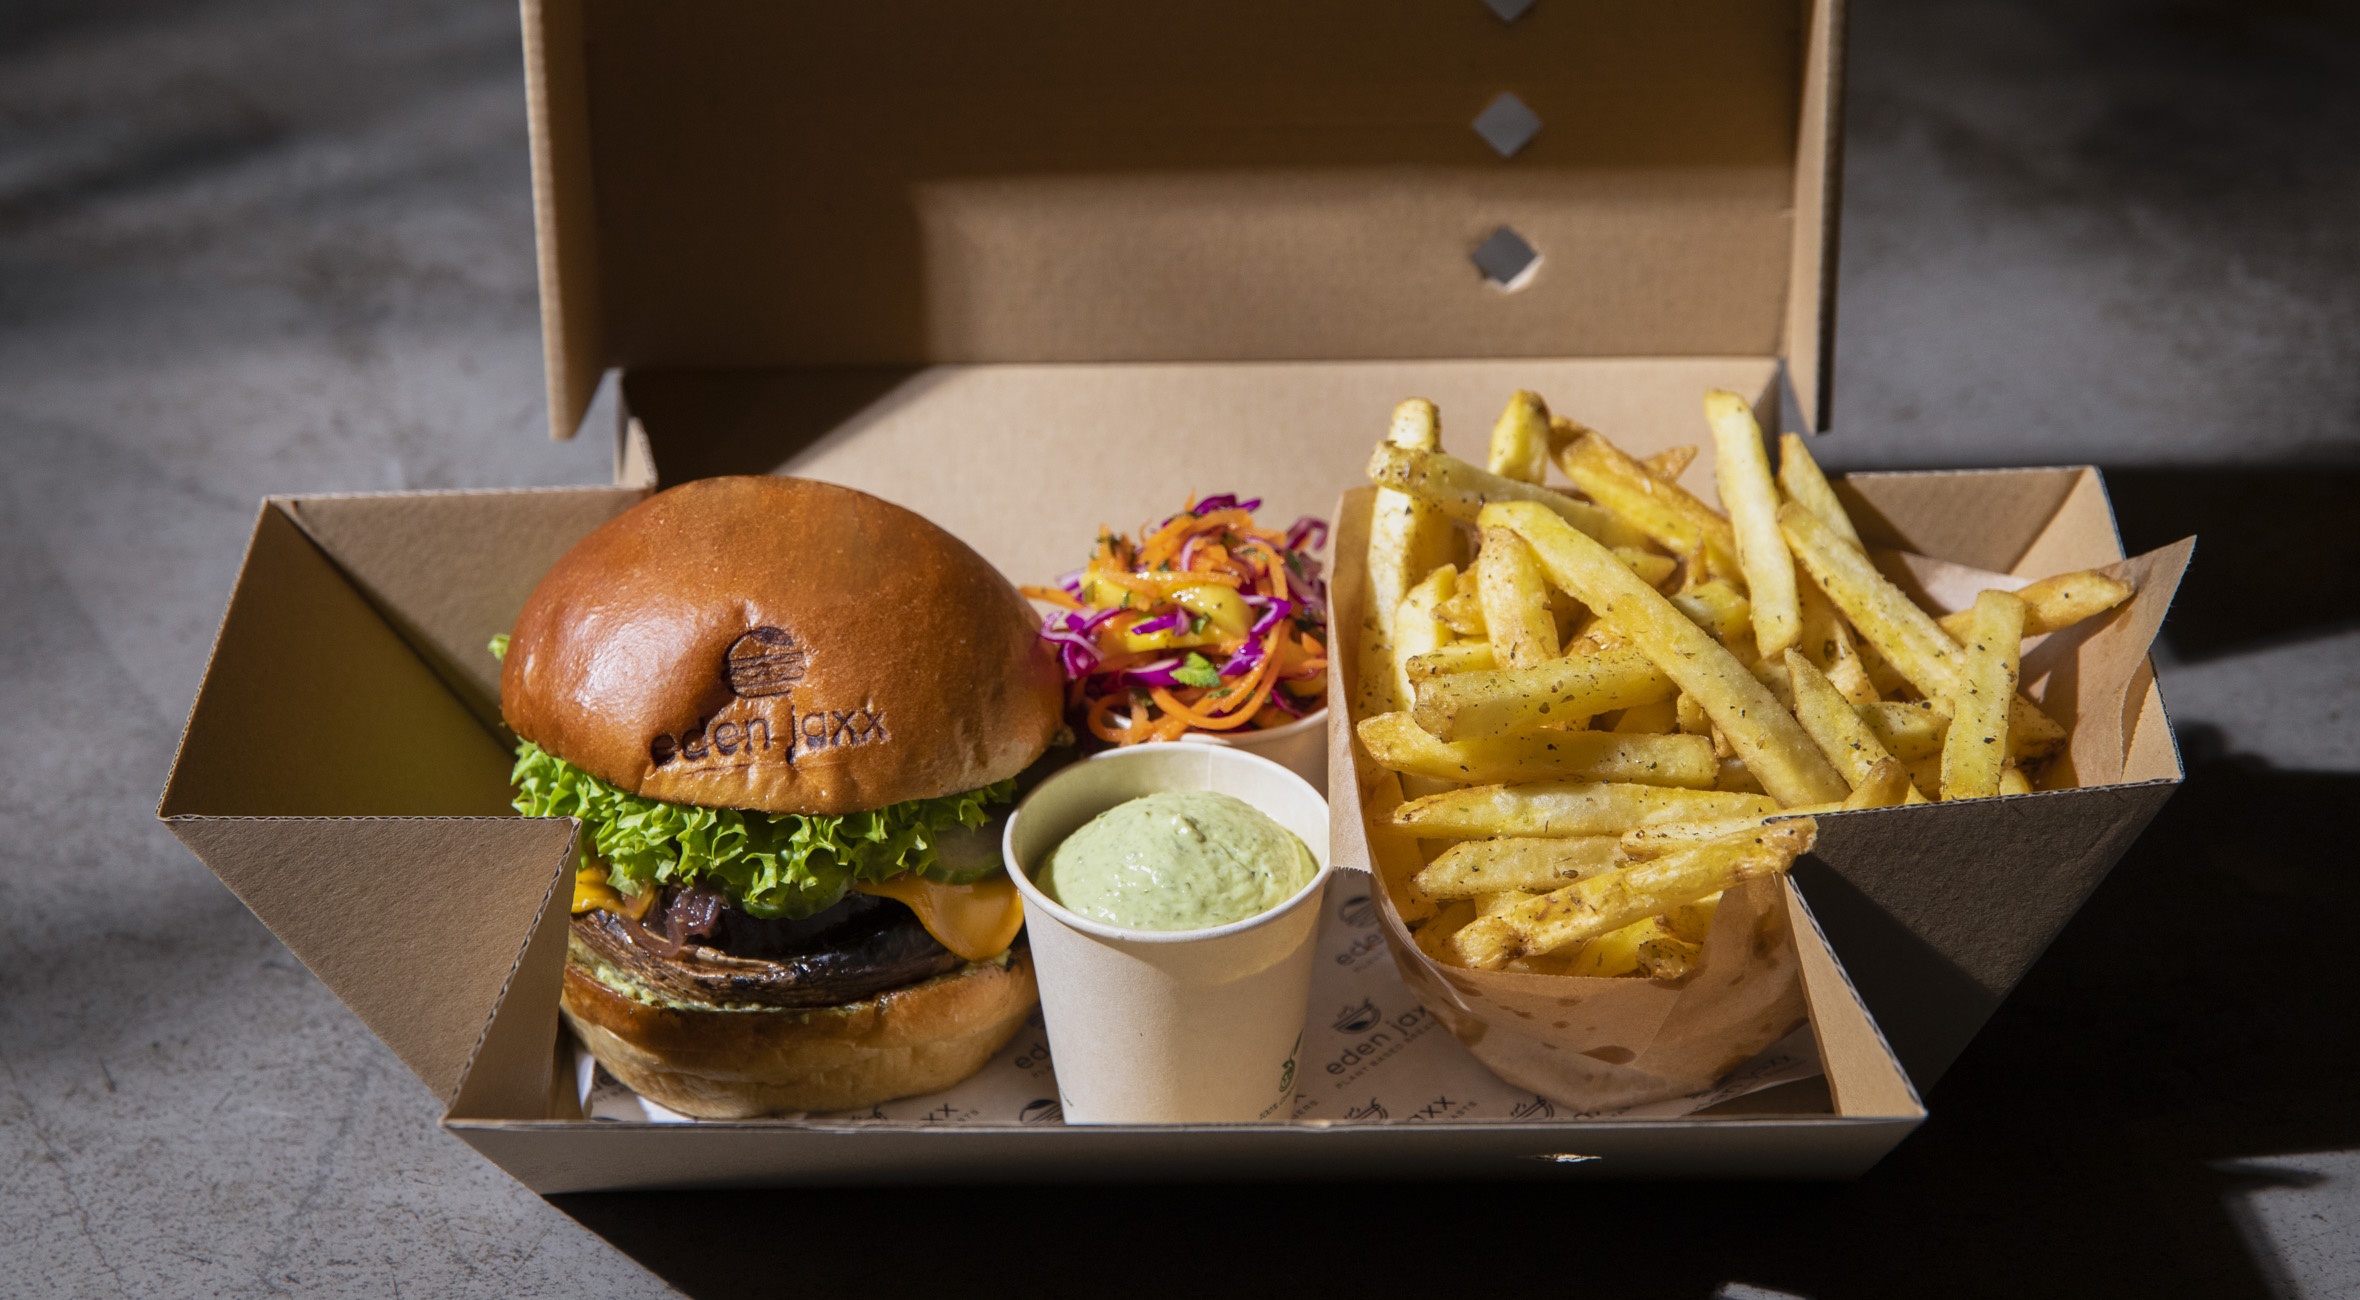 Frokostmenu hos Eden Jaxx på Østerbro – Vegansk burgerbar har indtaget madanmelders liste over byens bedste burgere